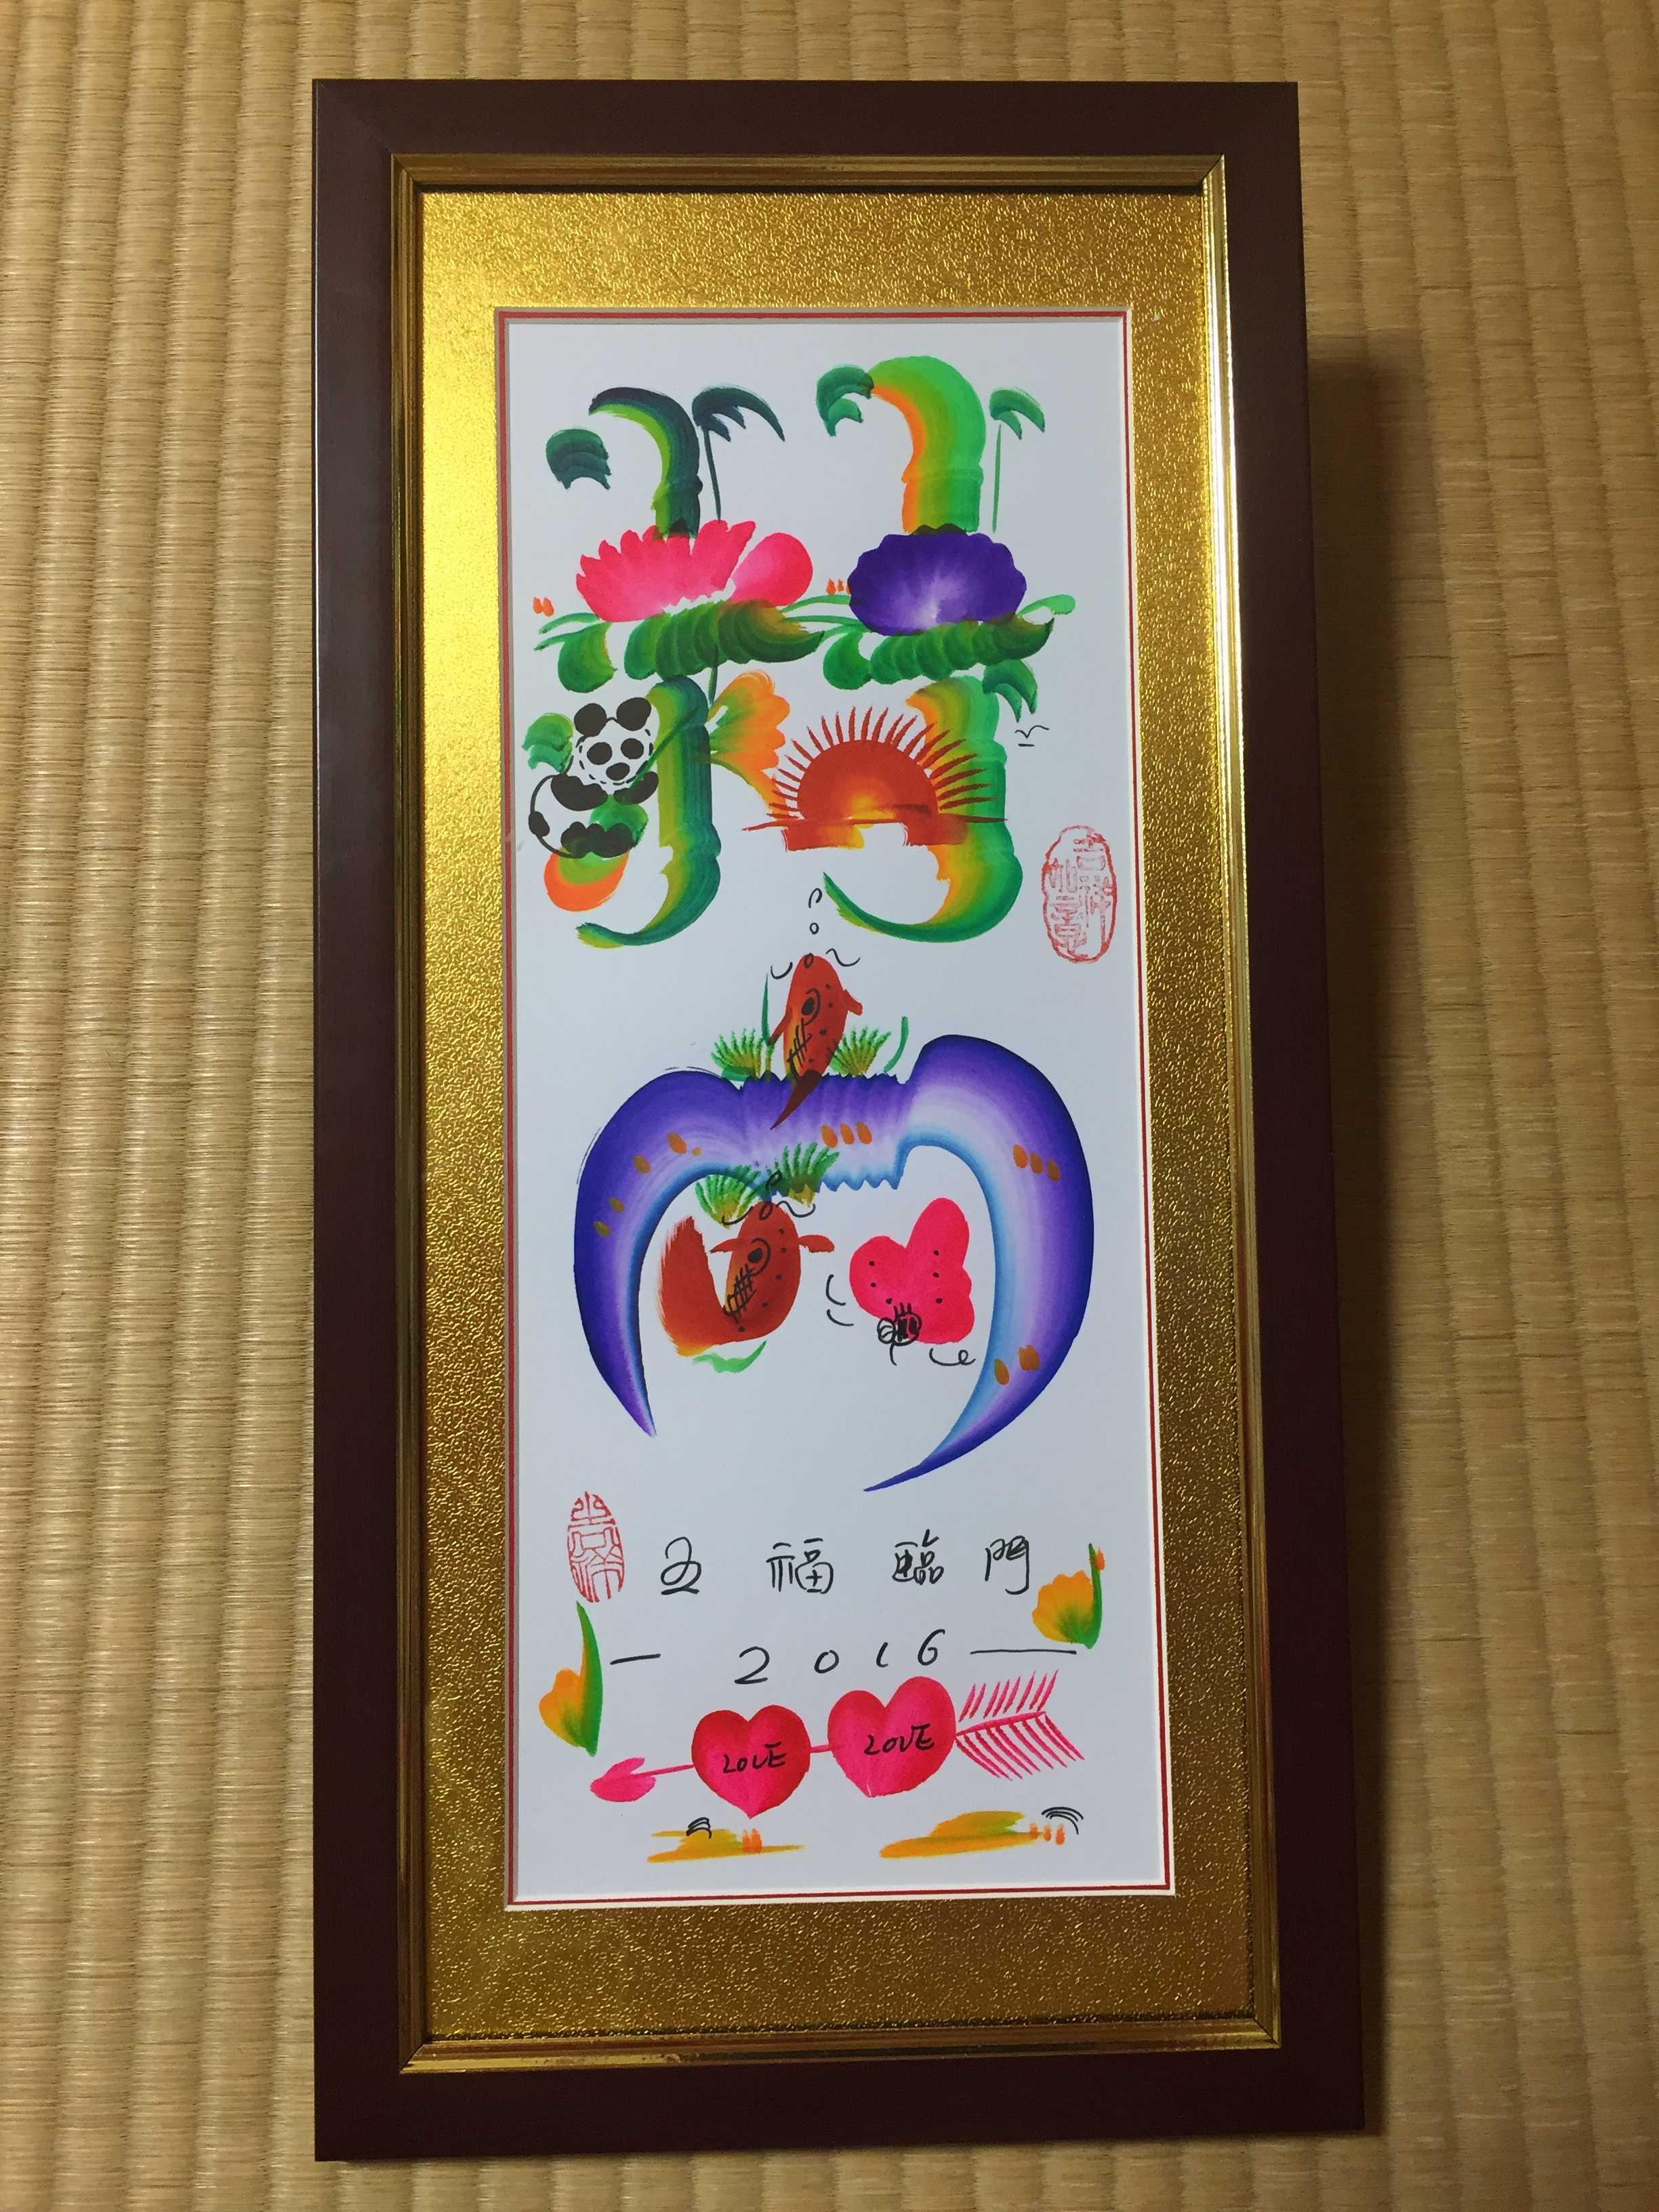 開運風水花文字で描かれた名字「村内(むらうち)」